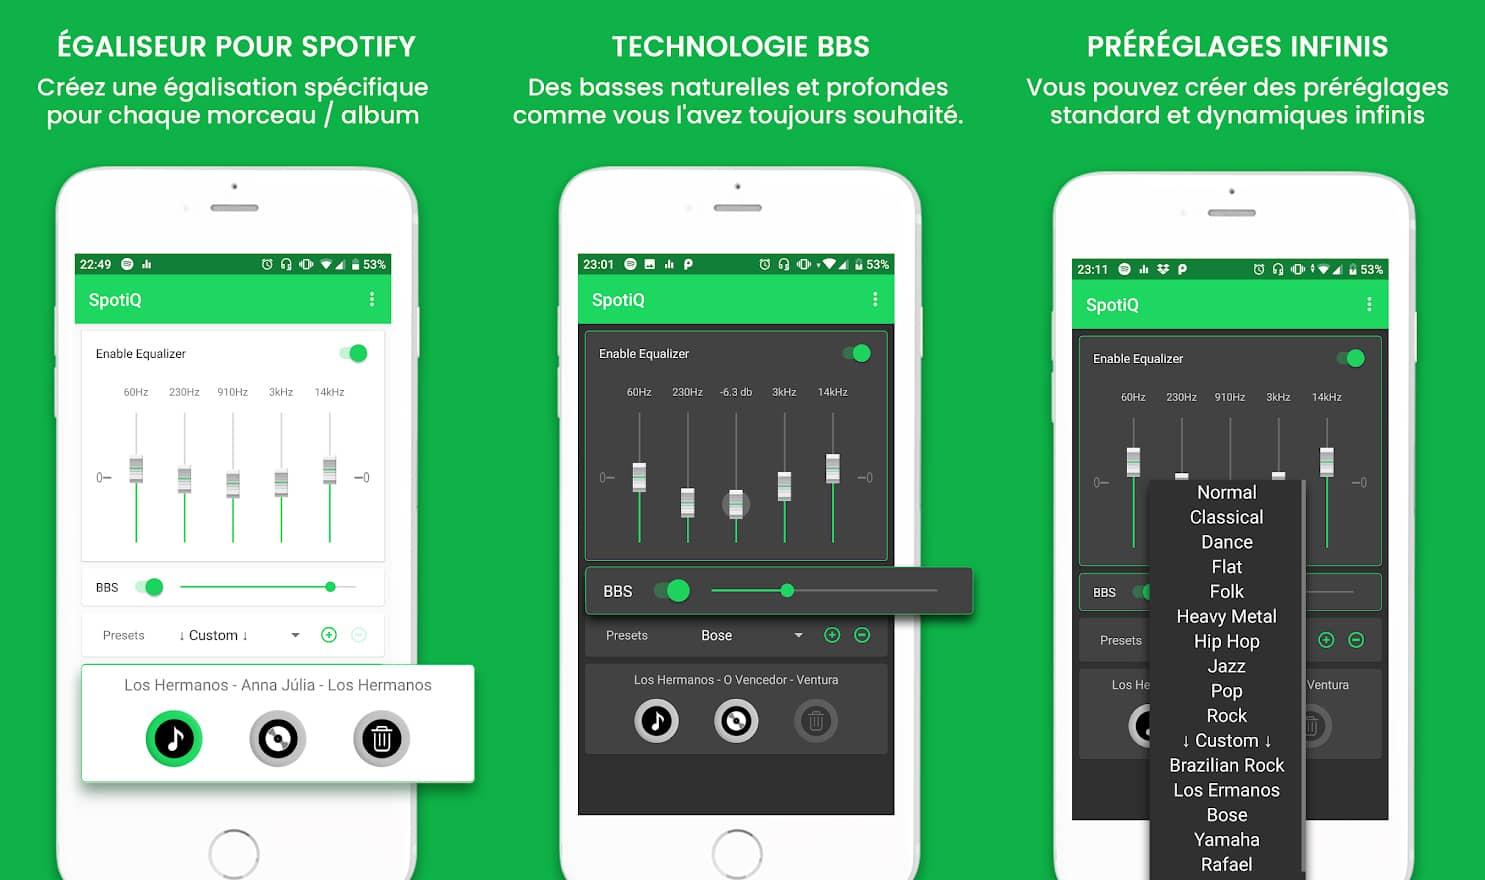 SpotiQ : Égaliseur pour Spotify